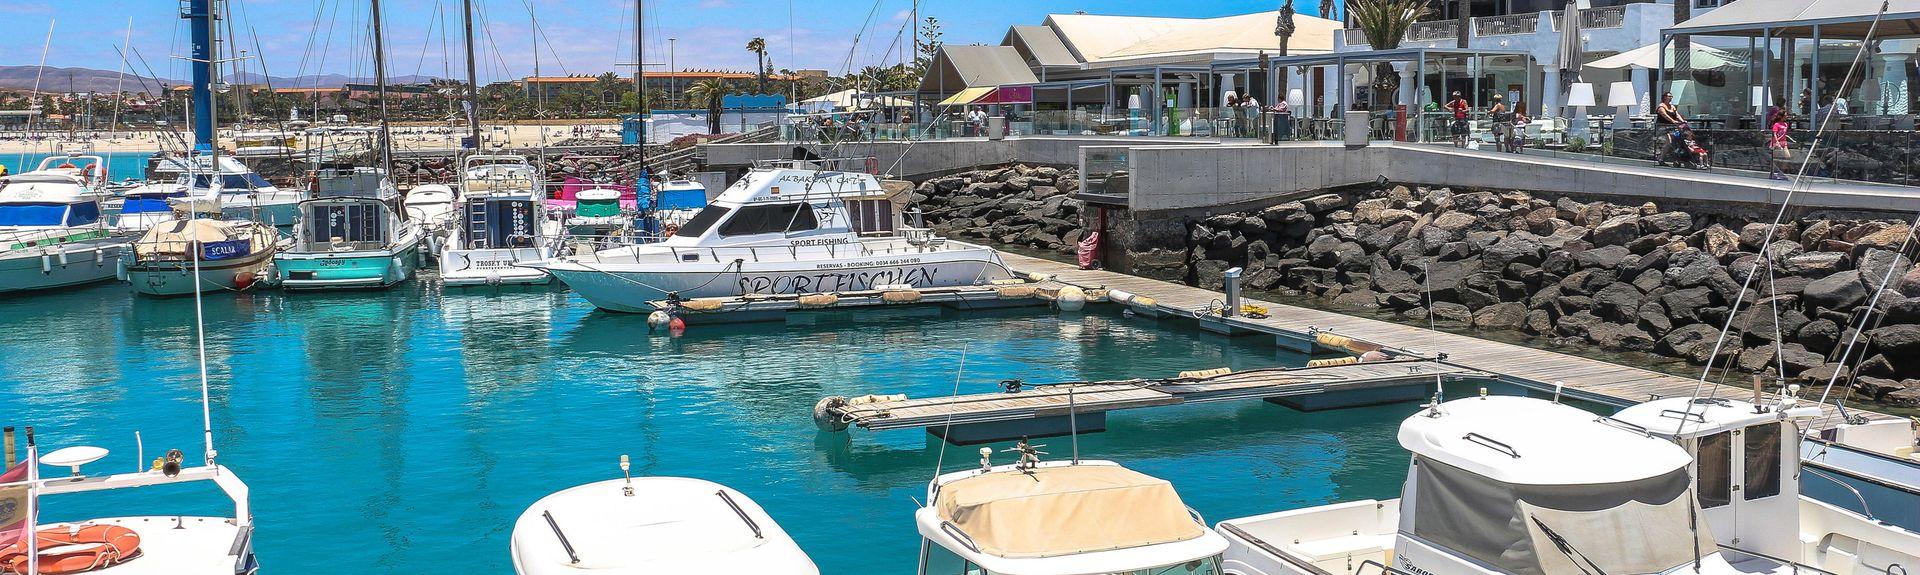 Caleta de Fuste Marina, Antigua, Spain